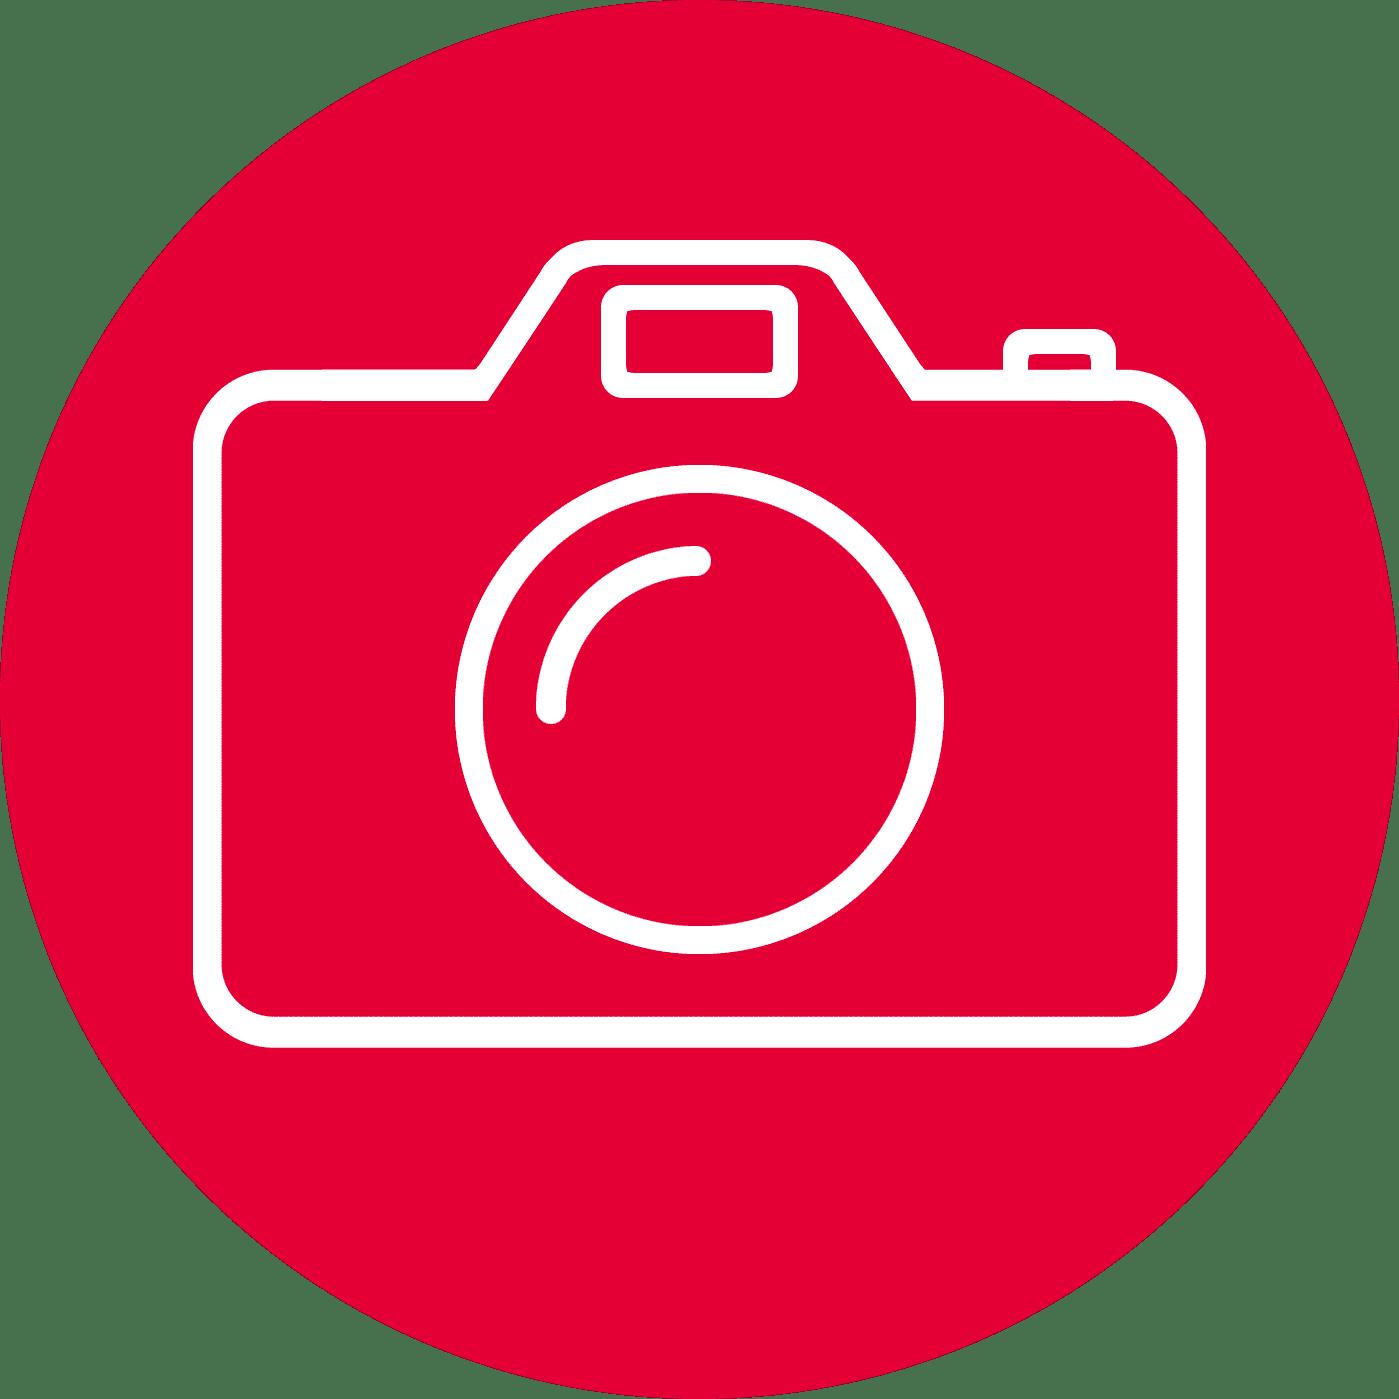 Fotografie Bilderstellung Architekturfotografie Produktfotografie Kunstfotografie People- und Unternehmens-Fotografie Immobilienfotos Büro- und Wohnobjekte Fuhrpark Produktfotografie Mitarbeiter-Portraits Fotostudio